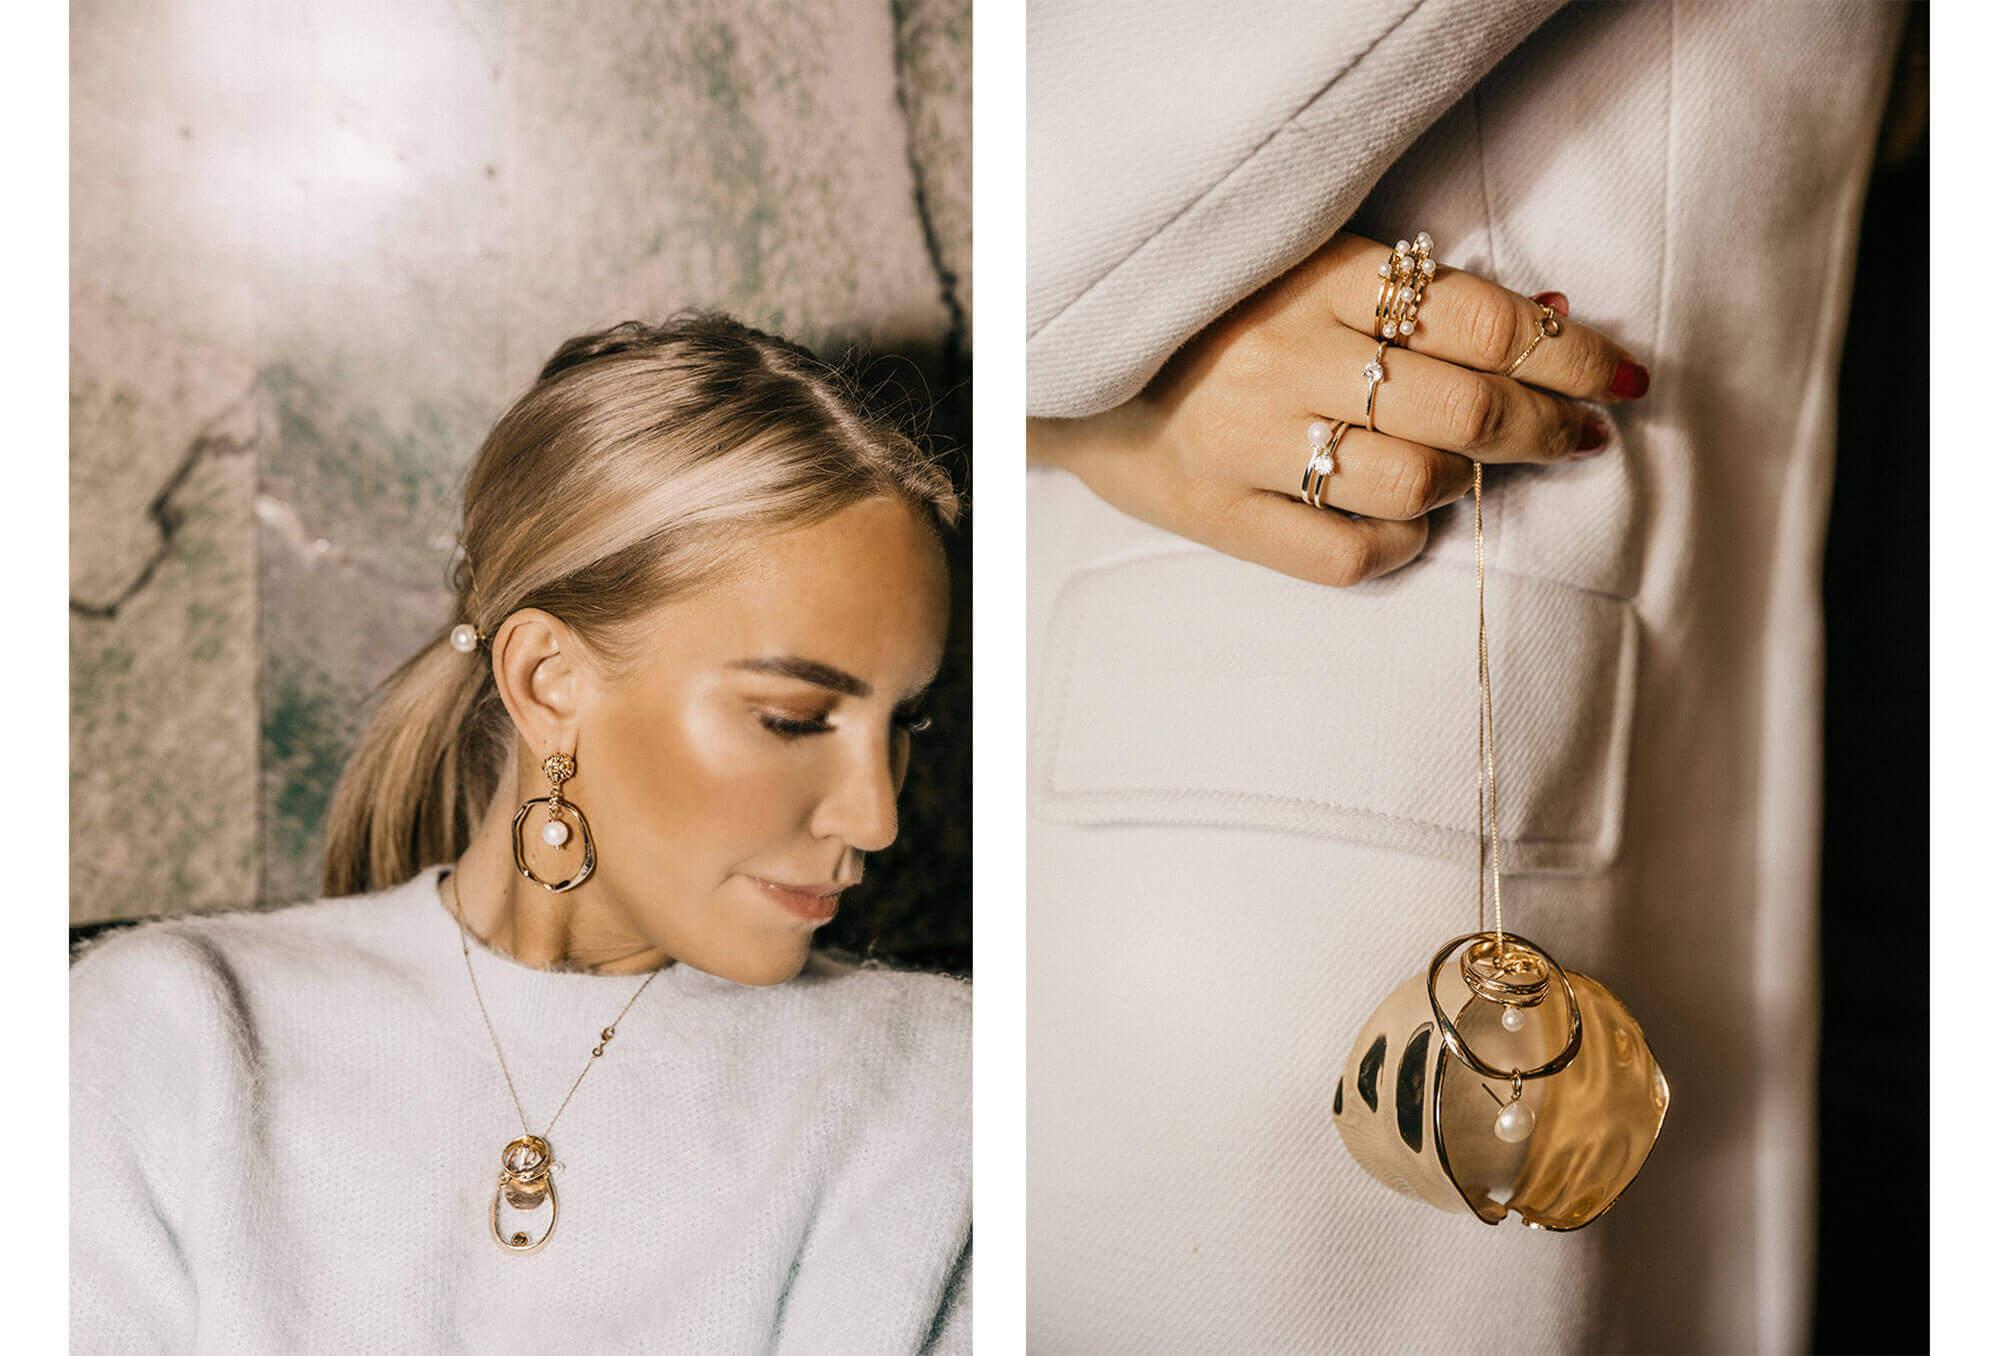 f67fba8846fd Silverringar (HÄR). Armband (HÄR). Ring som berlock (HÄR). Örhänge som  berlock (HÄR).